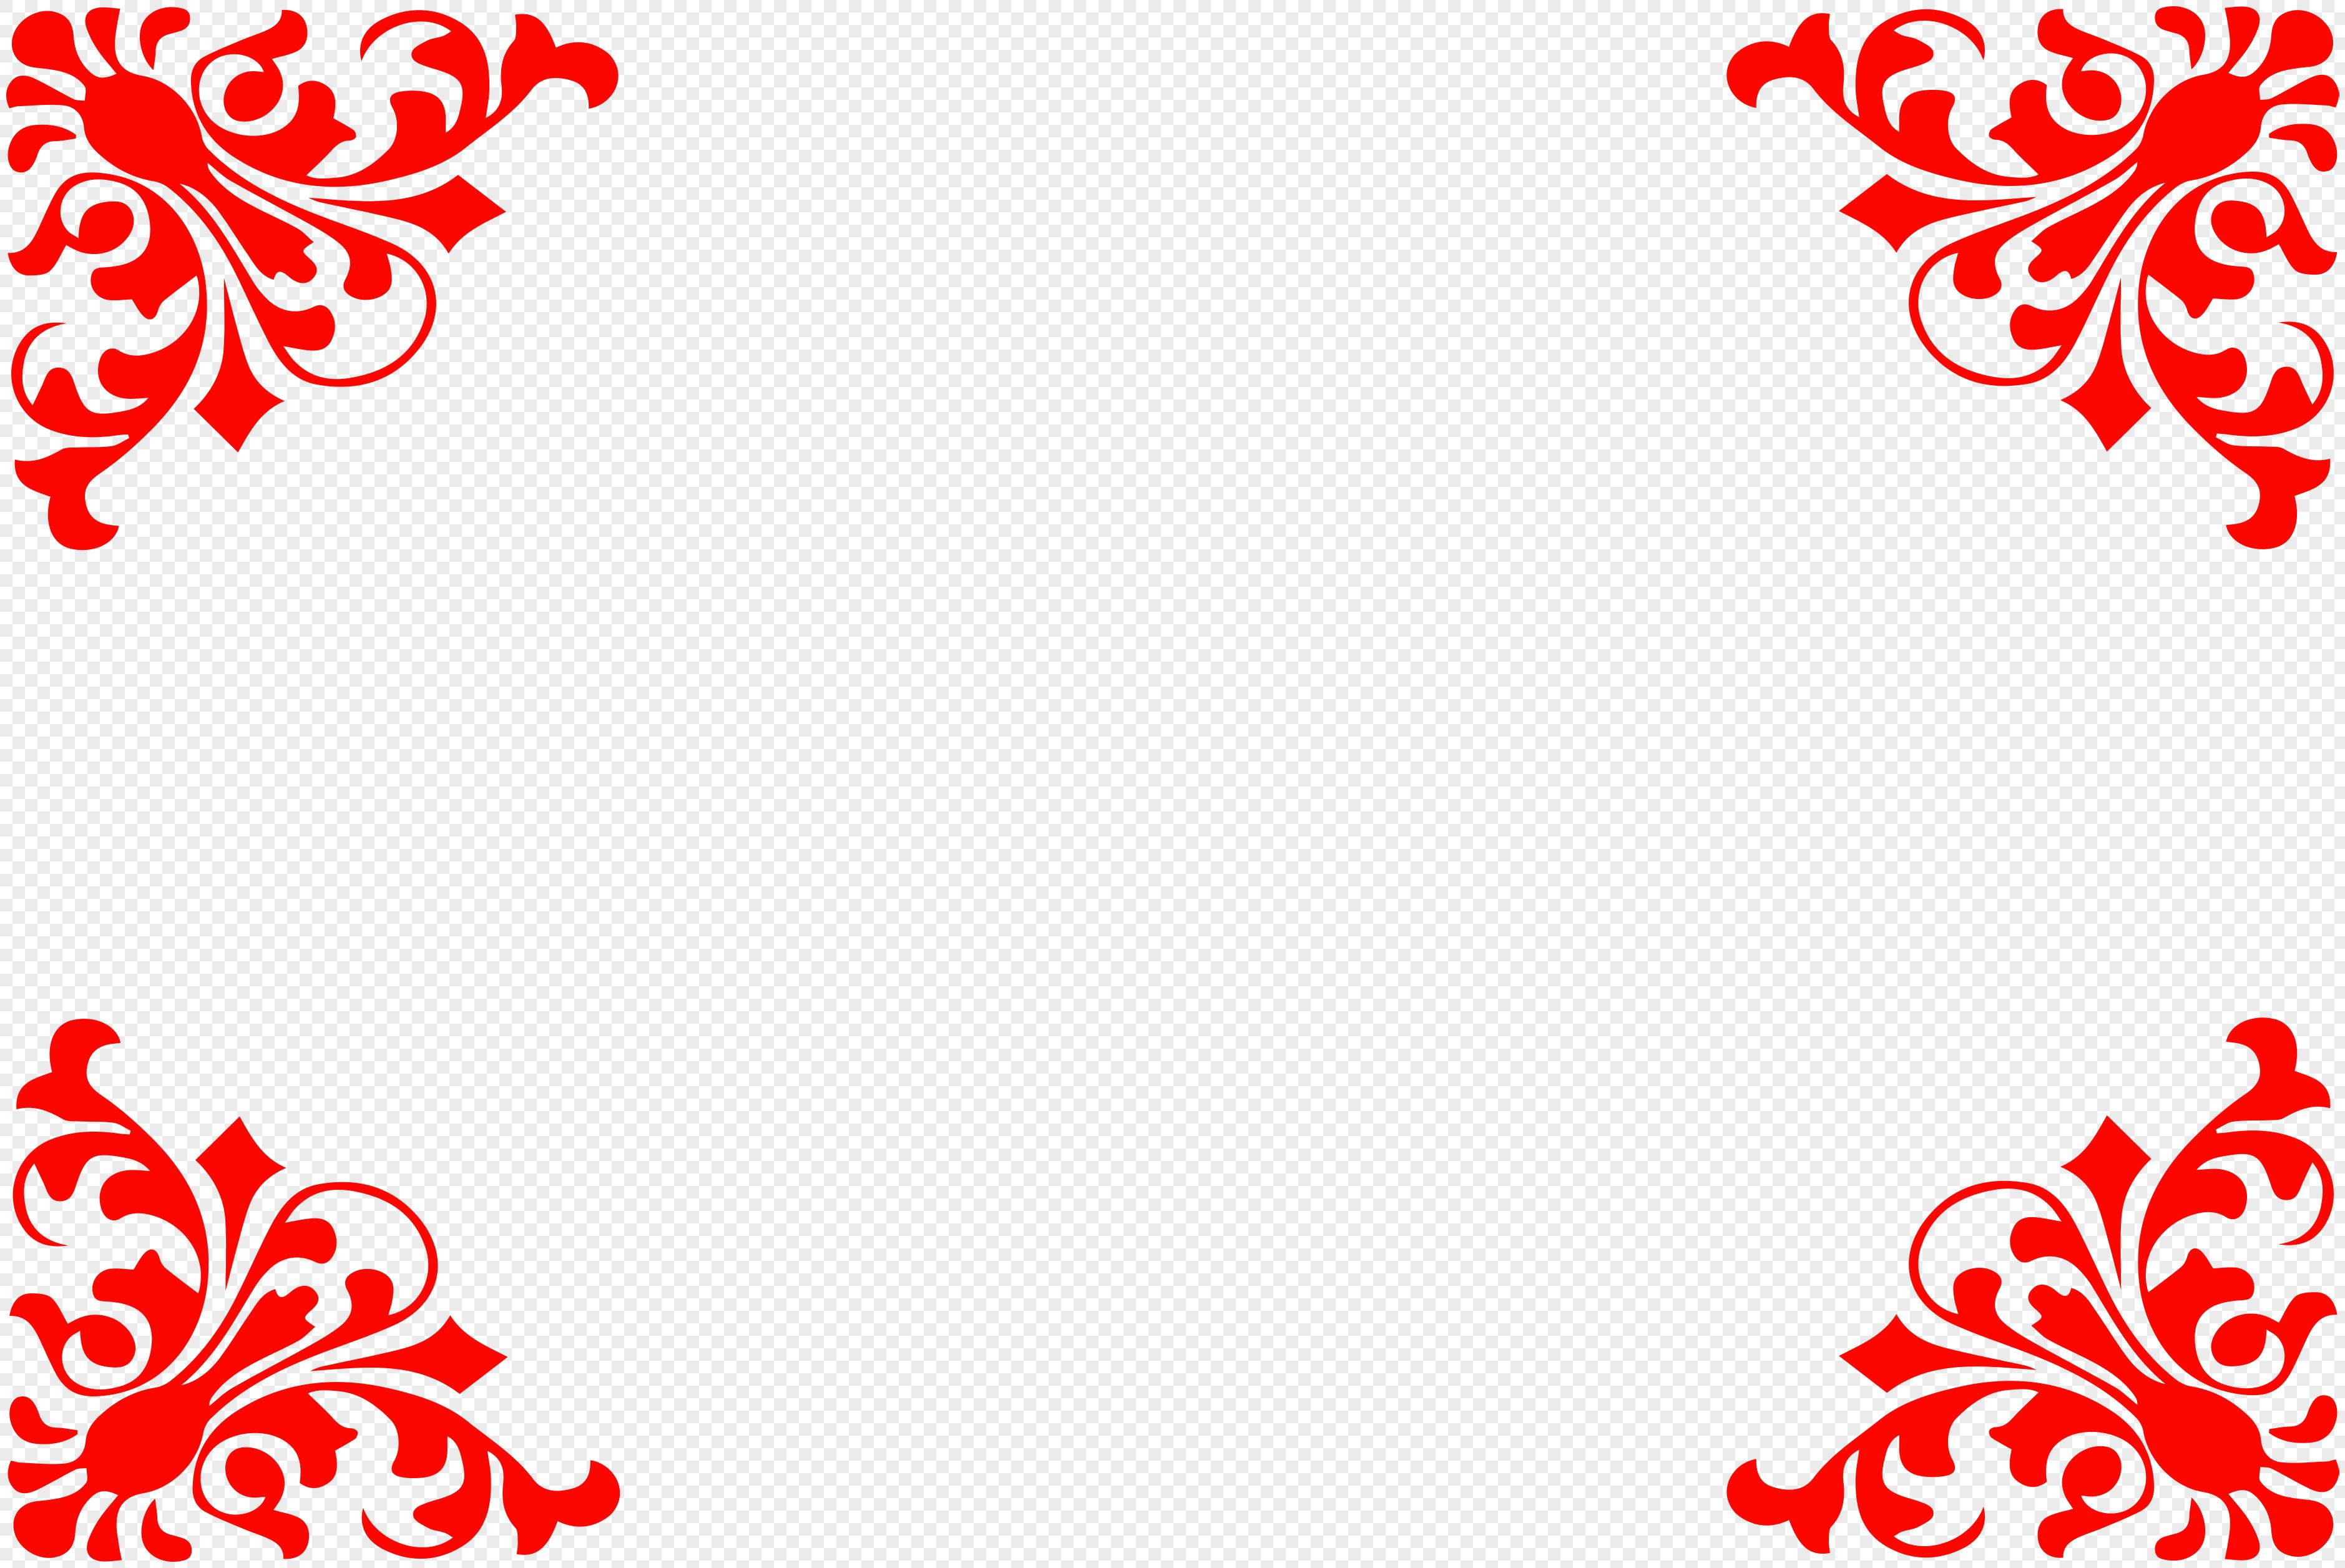 图片 素材 边框底纹 复古花纹边框.